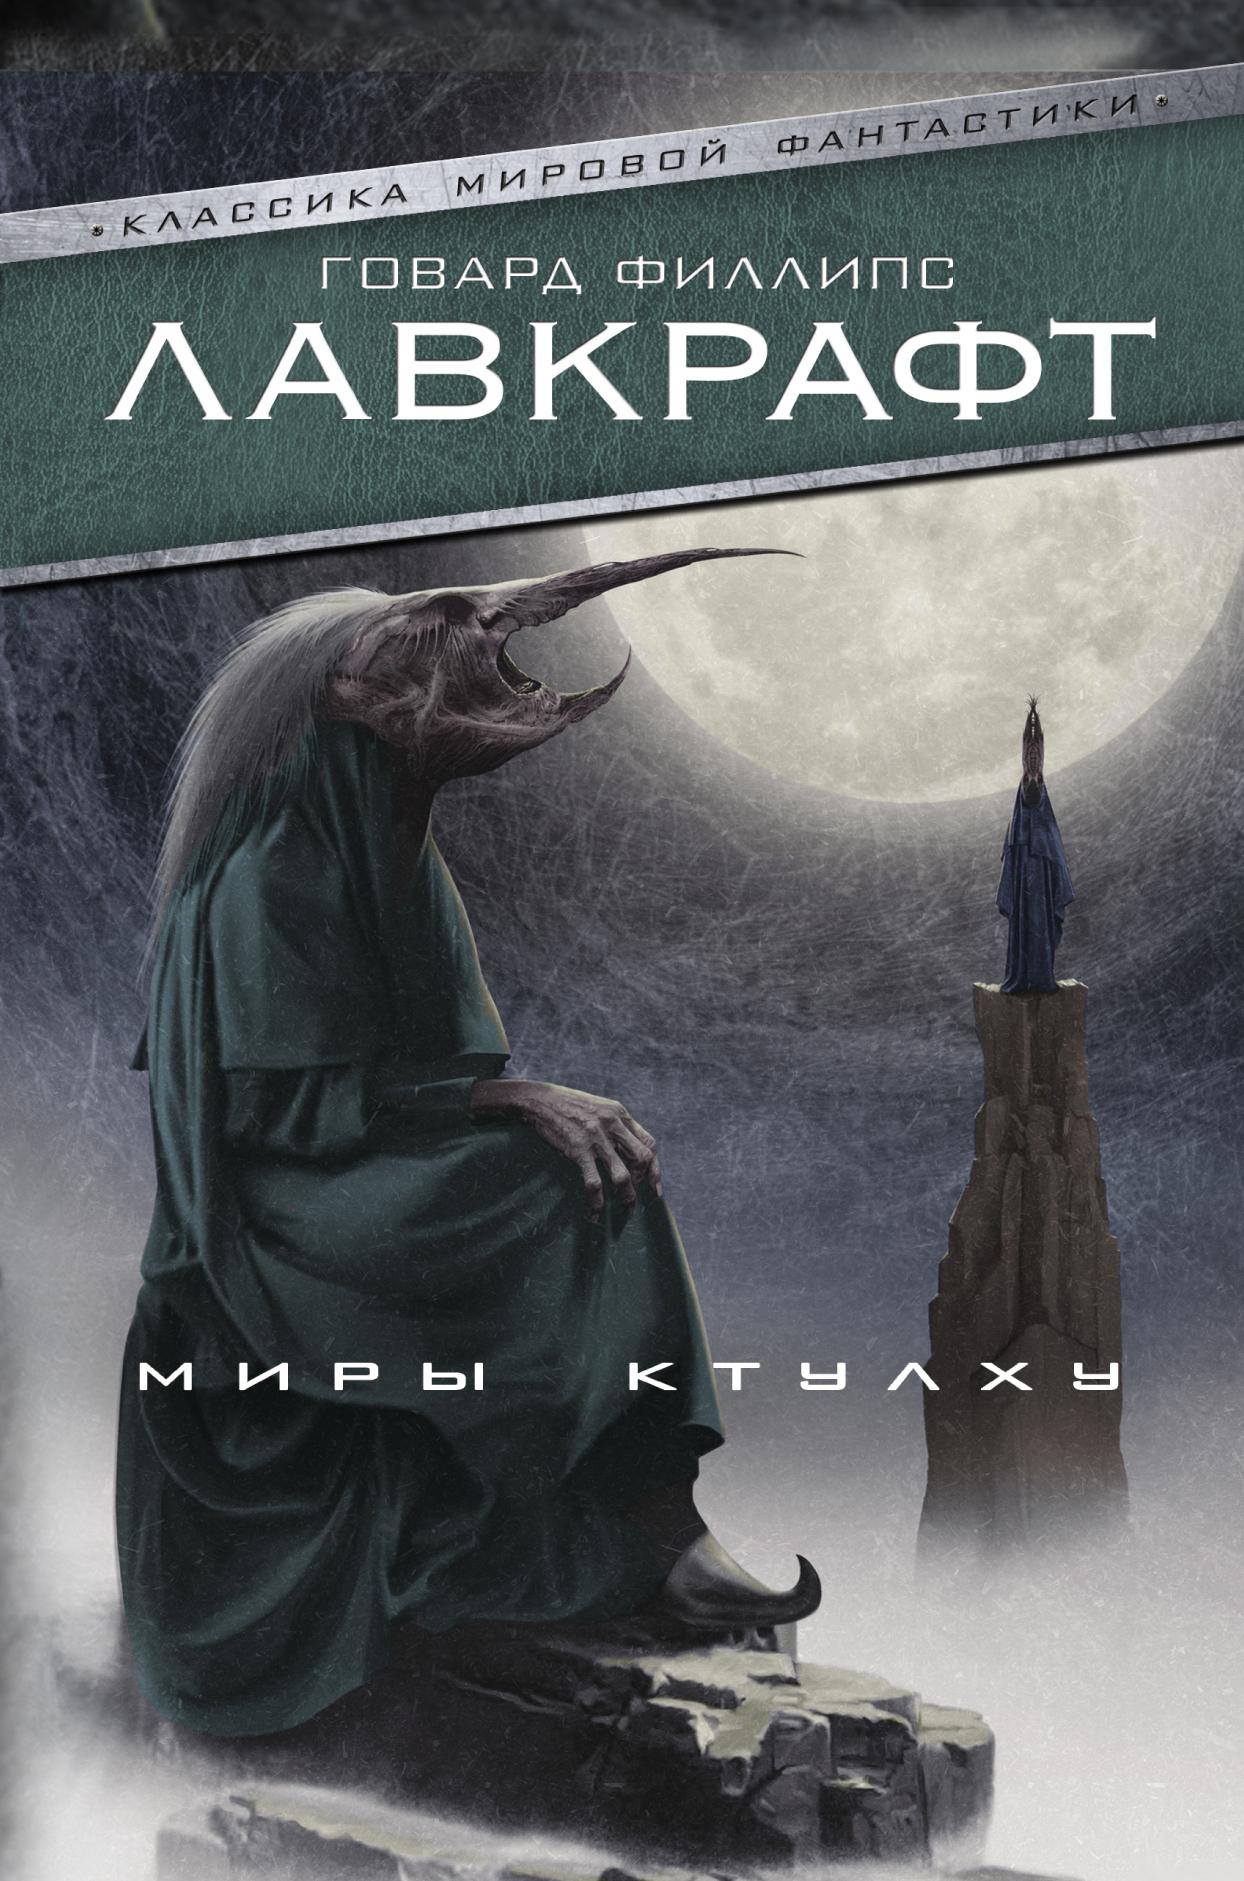 Лавкрафт Говард Филлипс Миры Ктулху